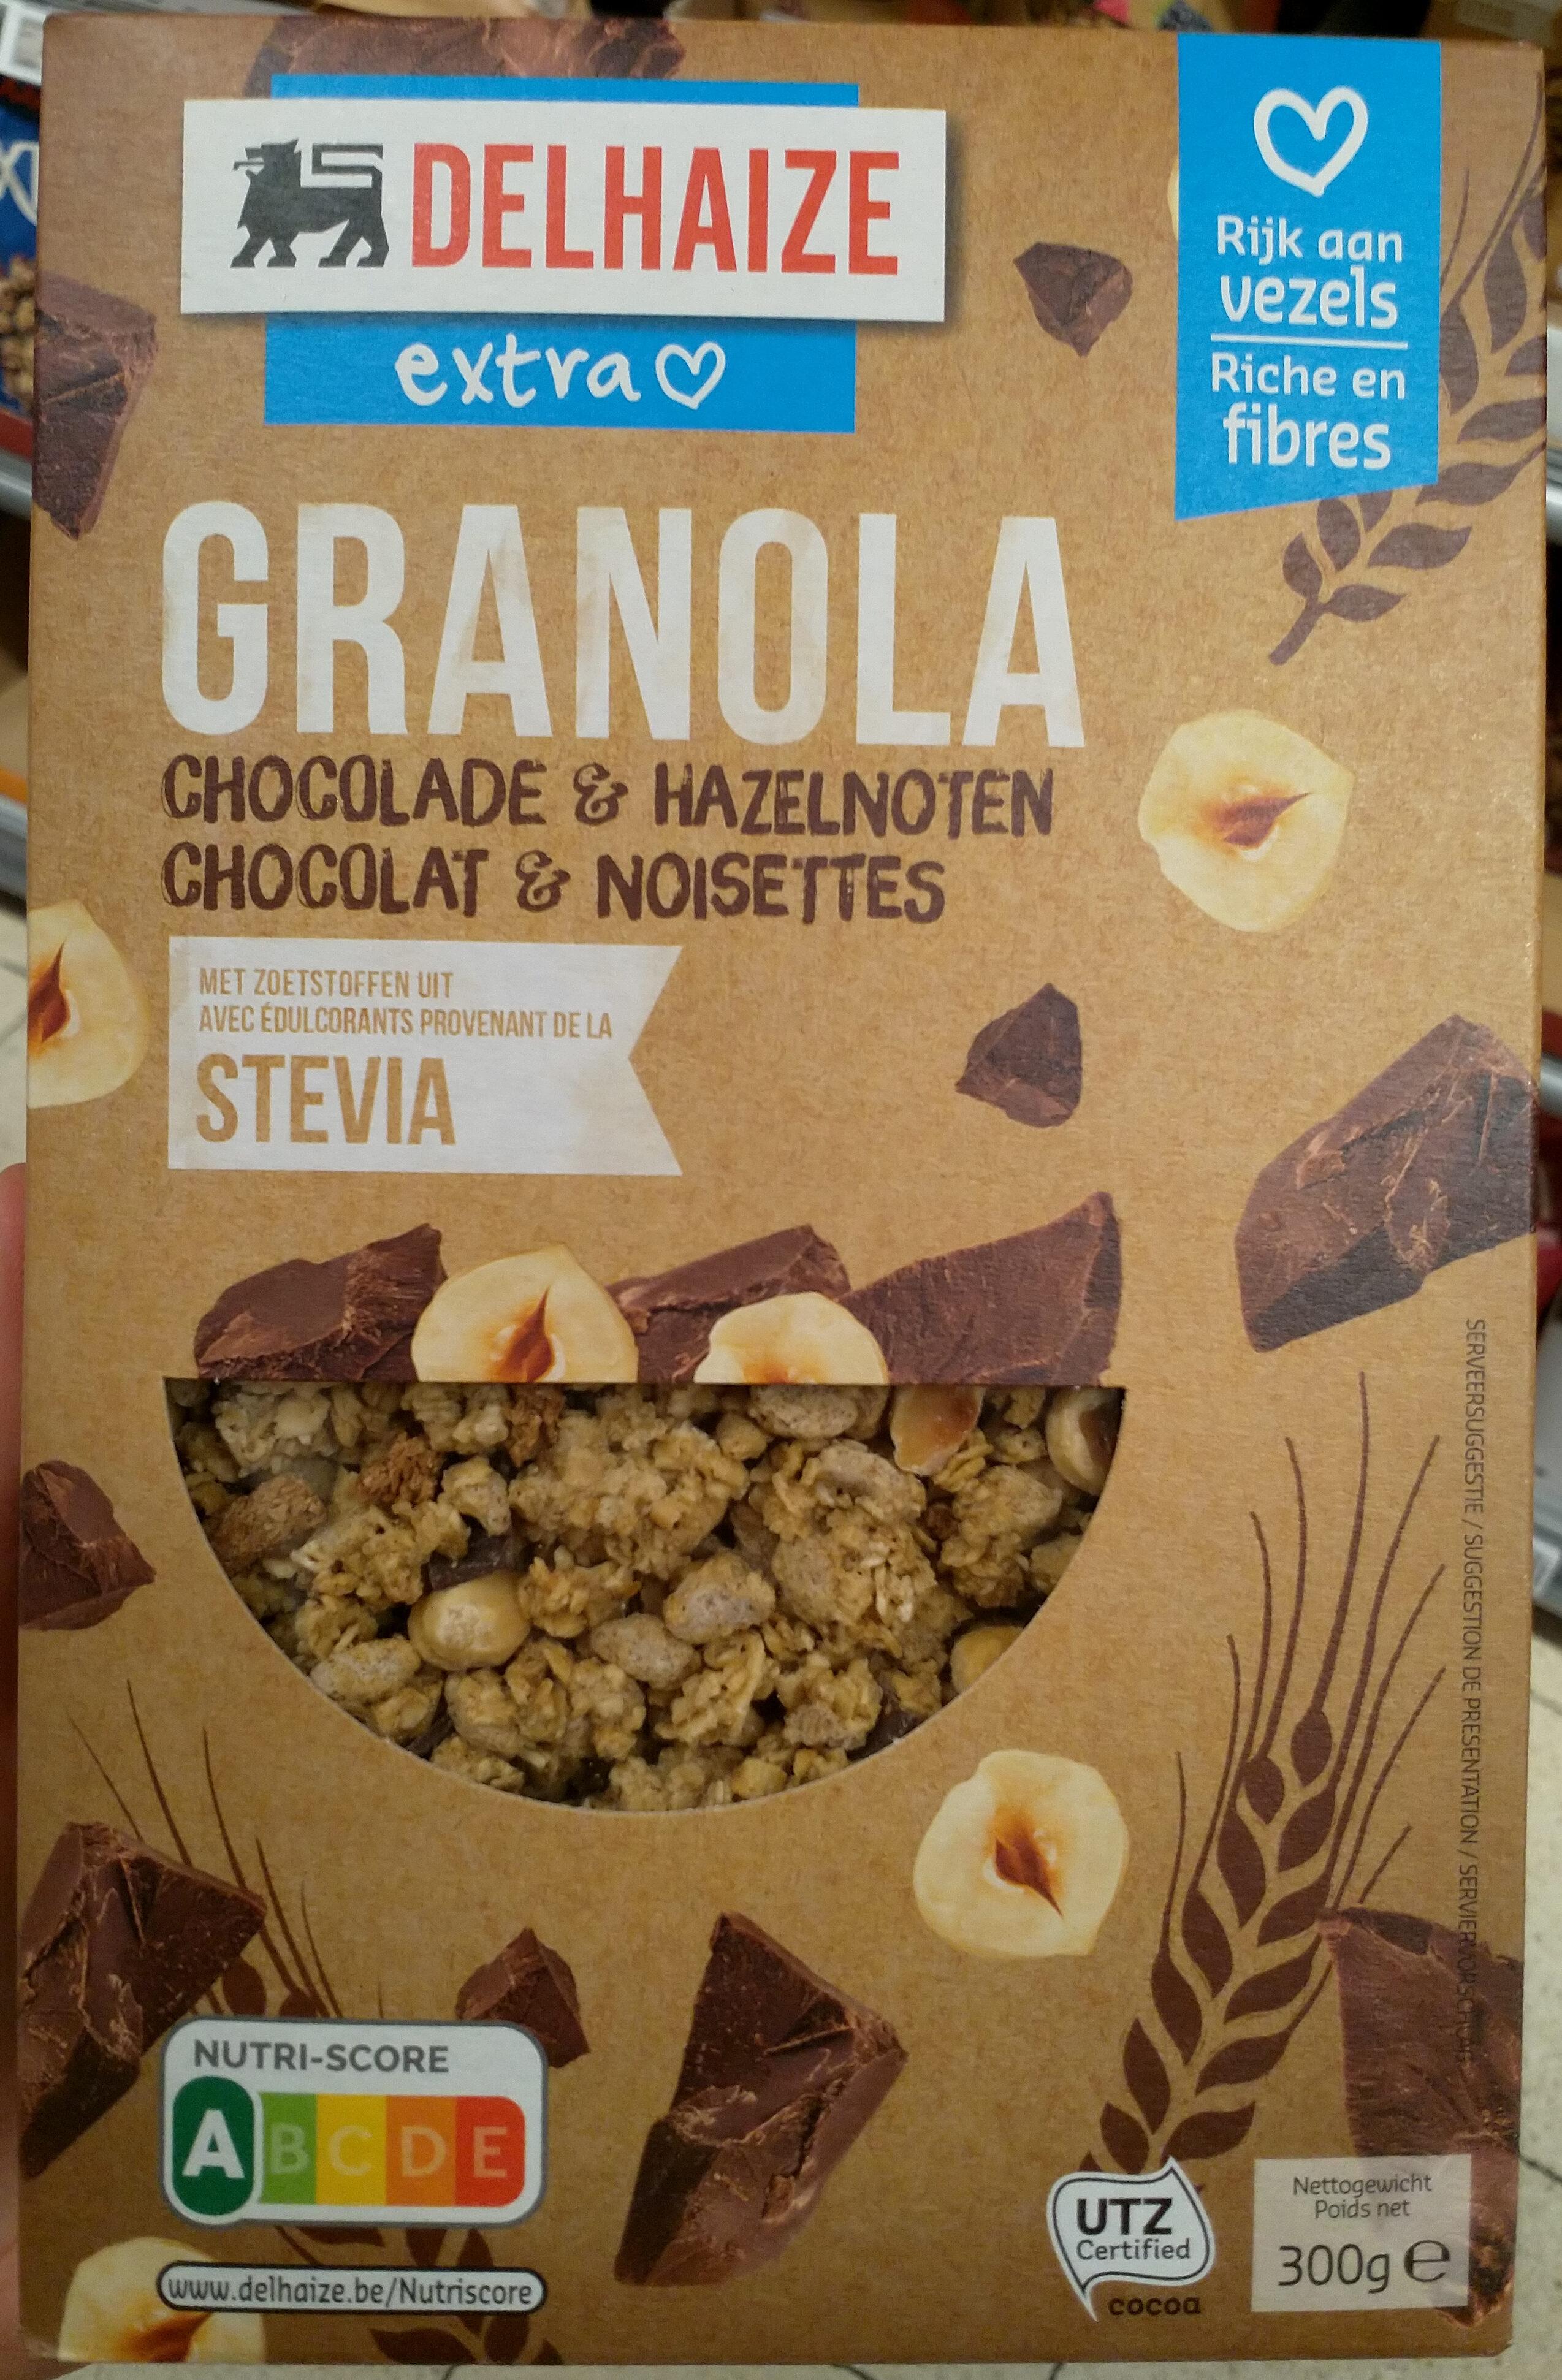 Granola chocolat & noisettes - Product - fr